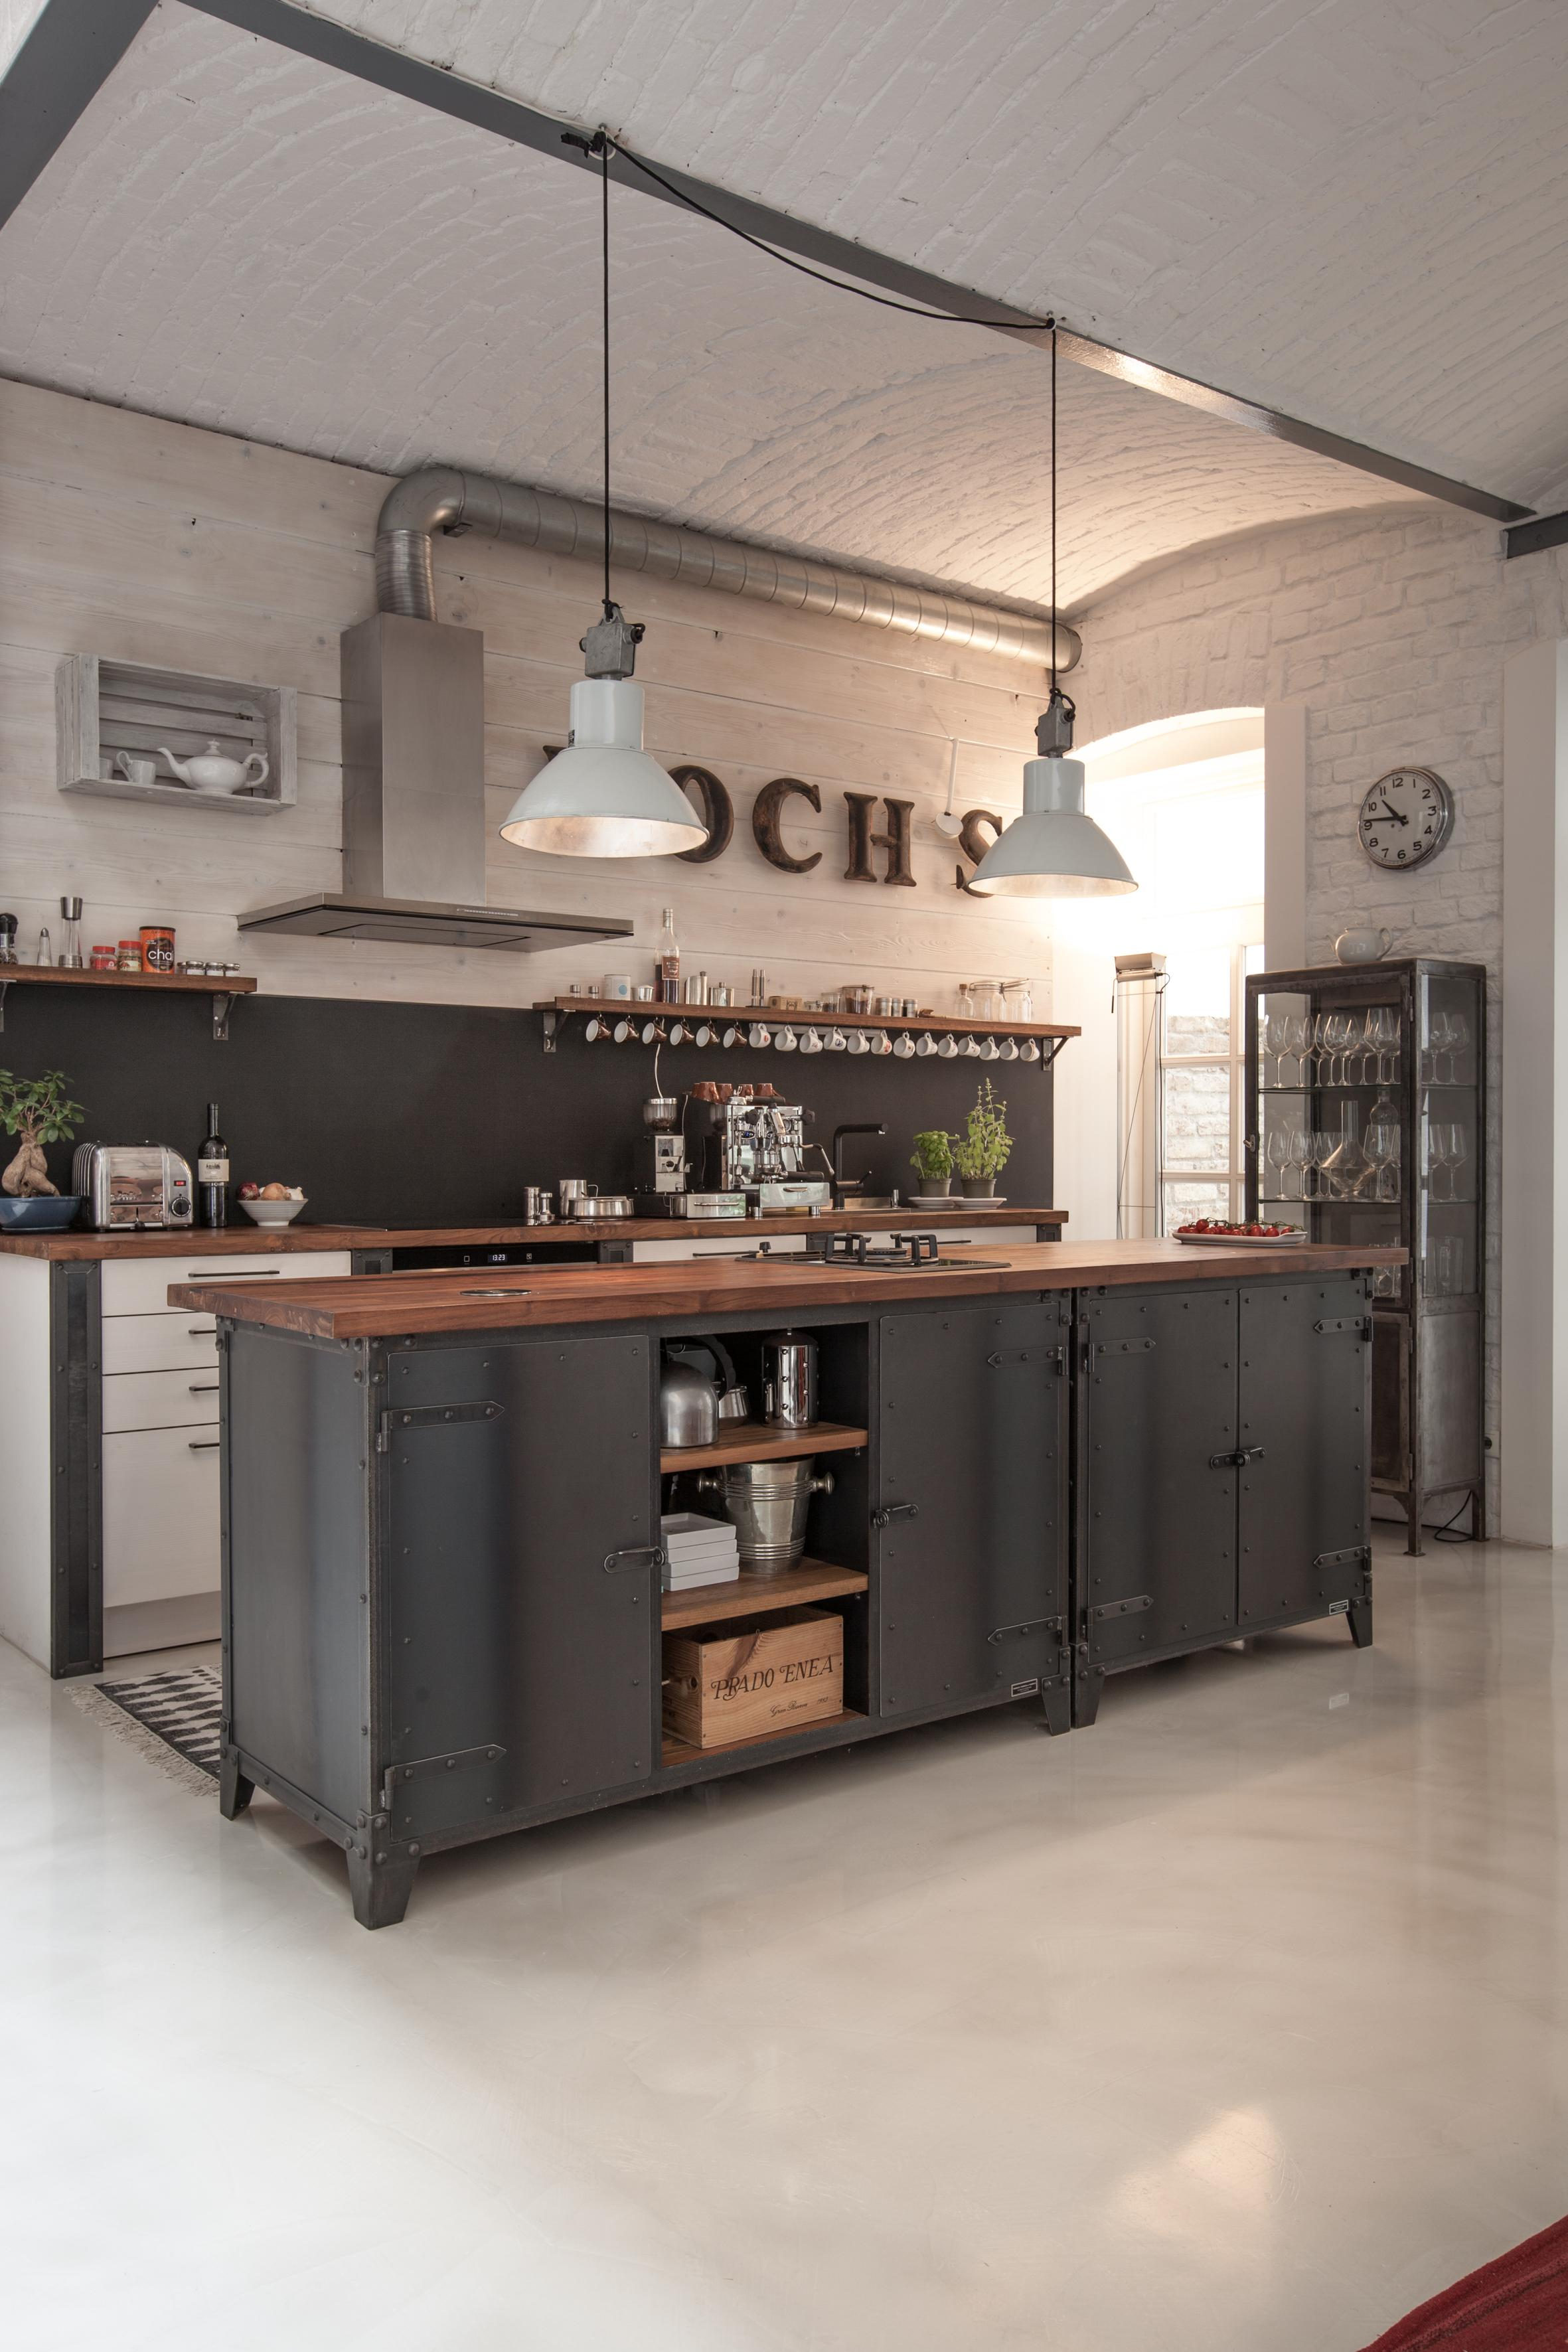 Hölzerne Kücheninsel • Bilder & Ideen • COUCH